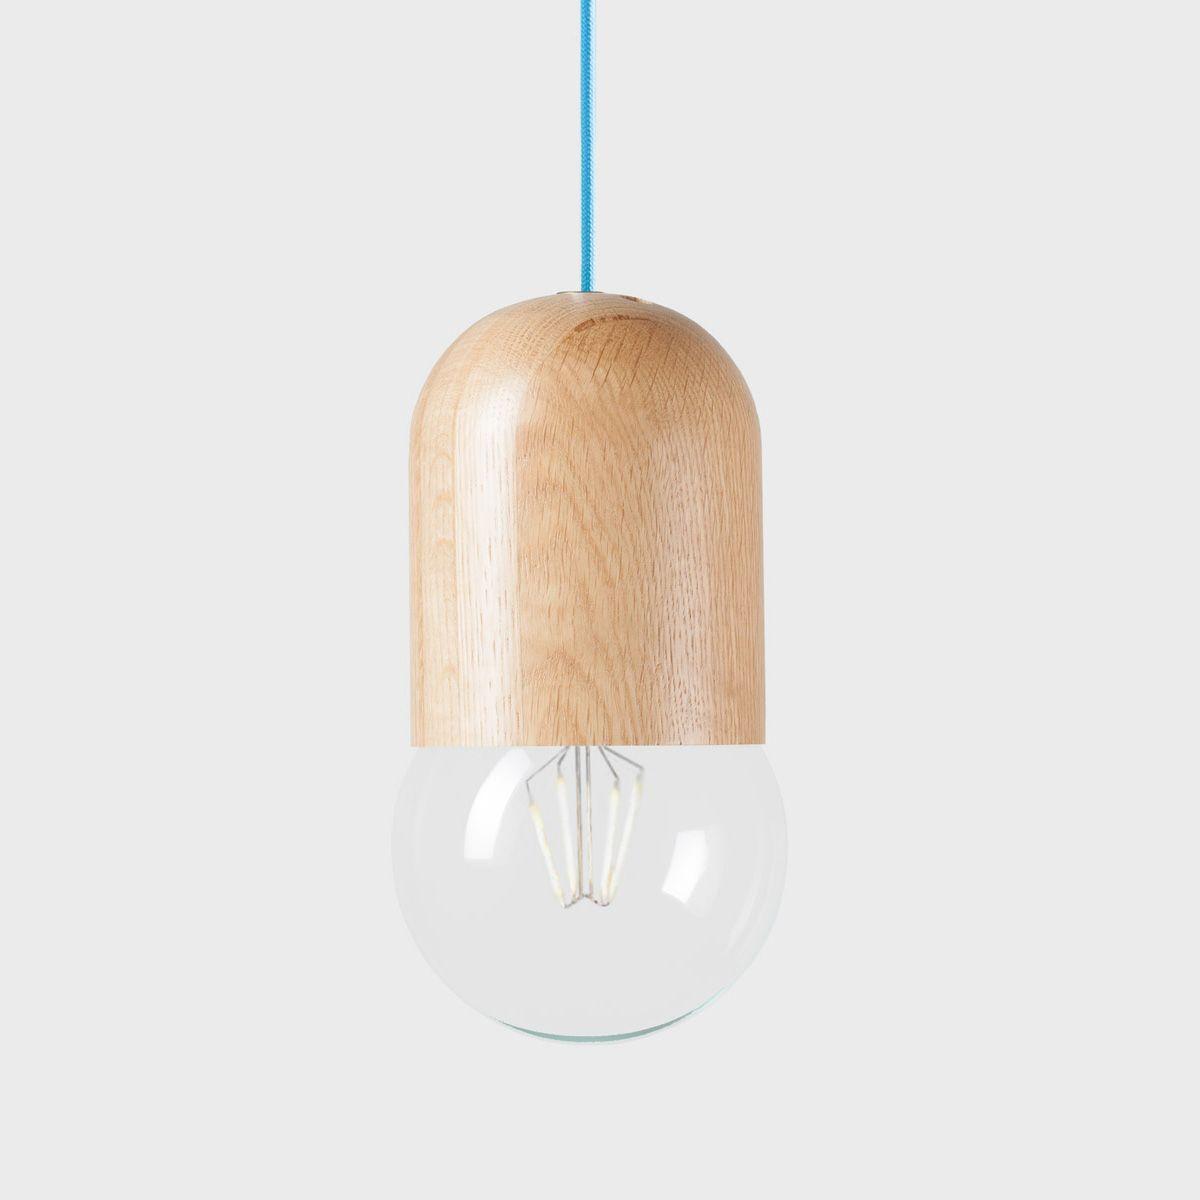 Подвесной светильник Light Bean Bubble со светло-синим проводомПодвесные светильники<br><br>